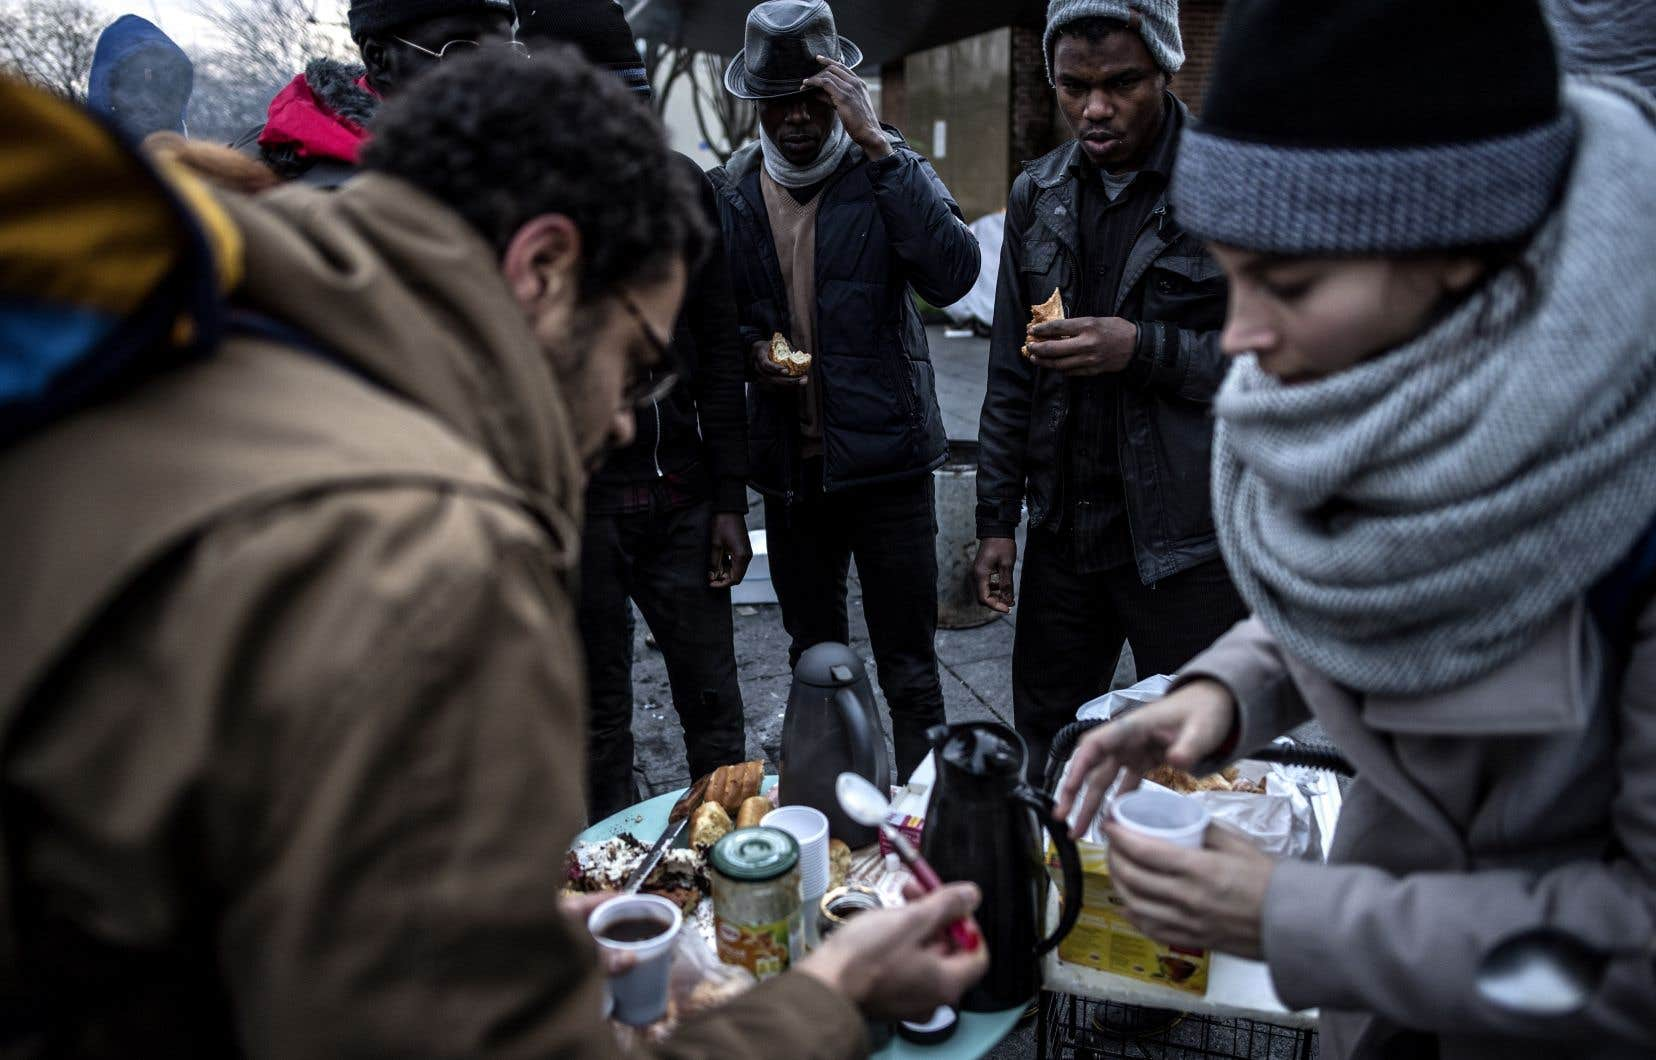 Pour la première fois depuis le début de la crise migratoire en 2015, la France a enregistré plus de demandes d'asile que l'Allemagne.